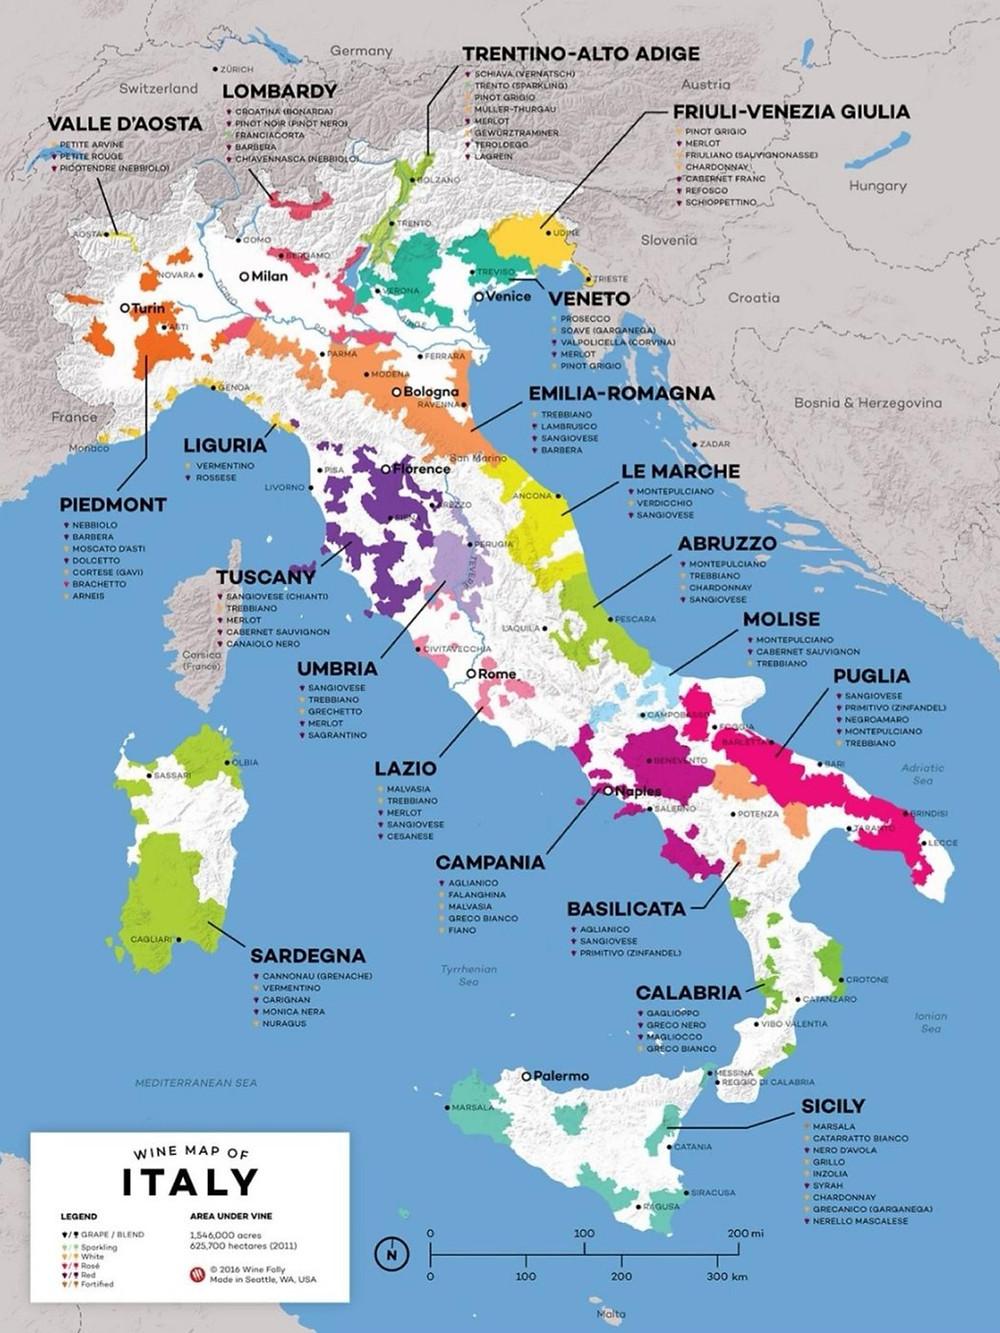 Mappa dei principali vitigni italiani